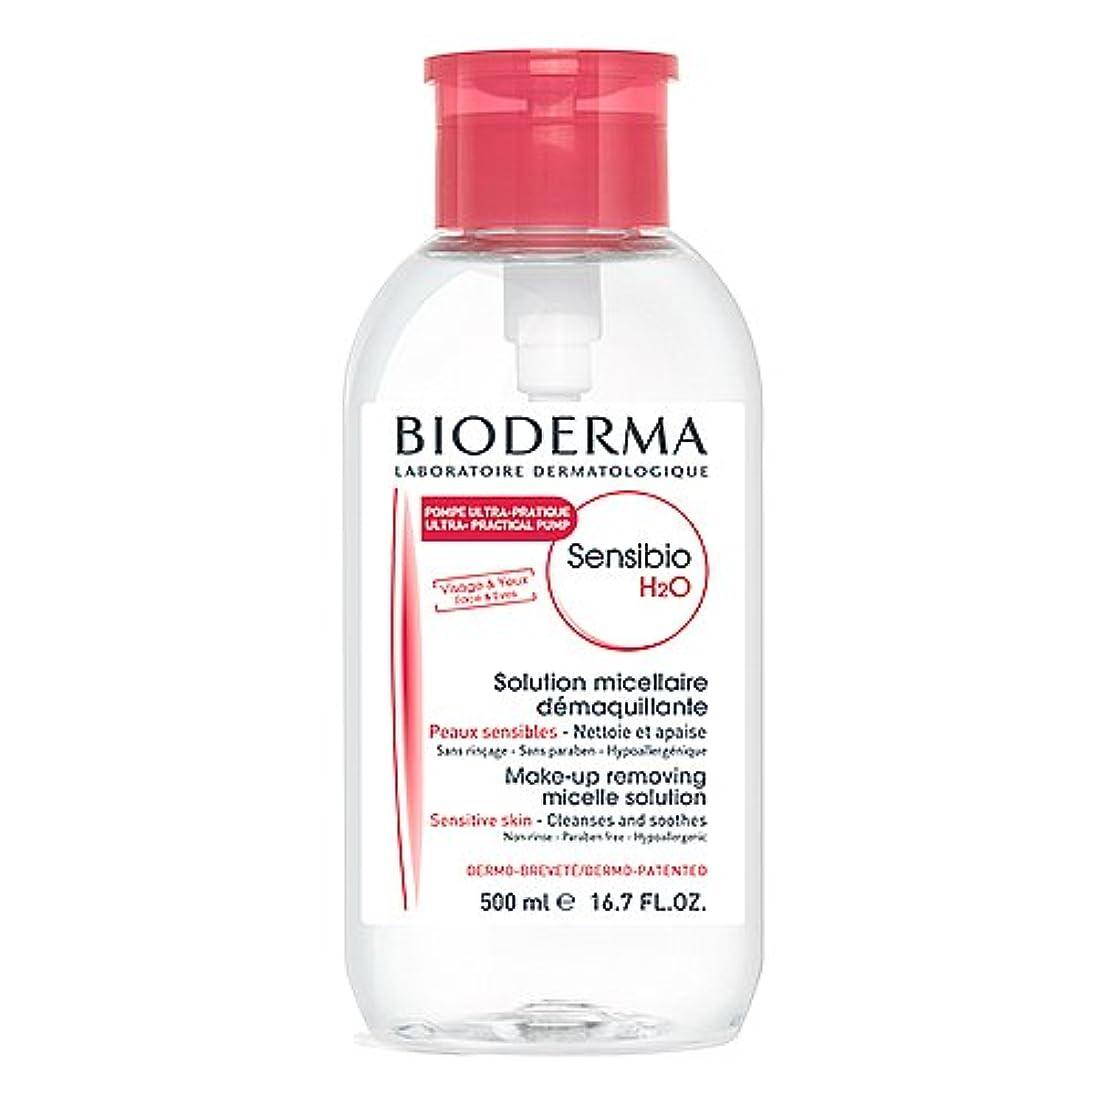 切るしてはいけません相続人ビオデルマ BIODERMA サンシビオ H2O エイチツーオー D 500ml ポンプタイプ